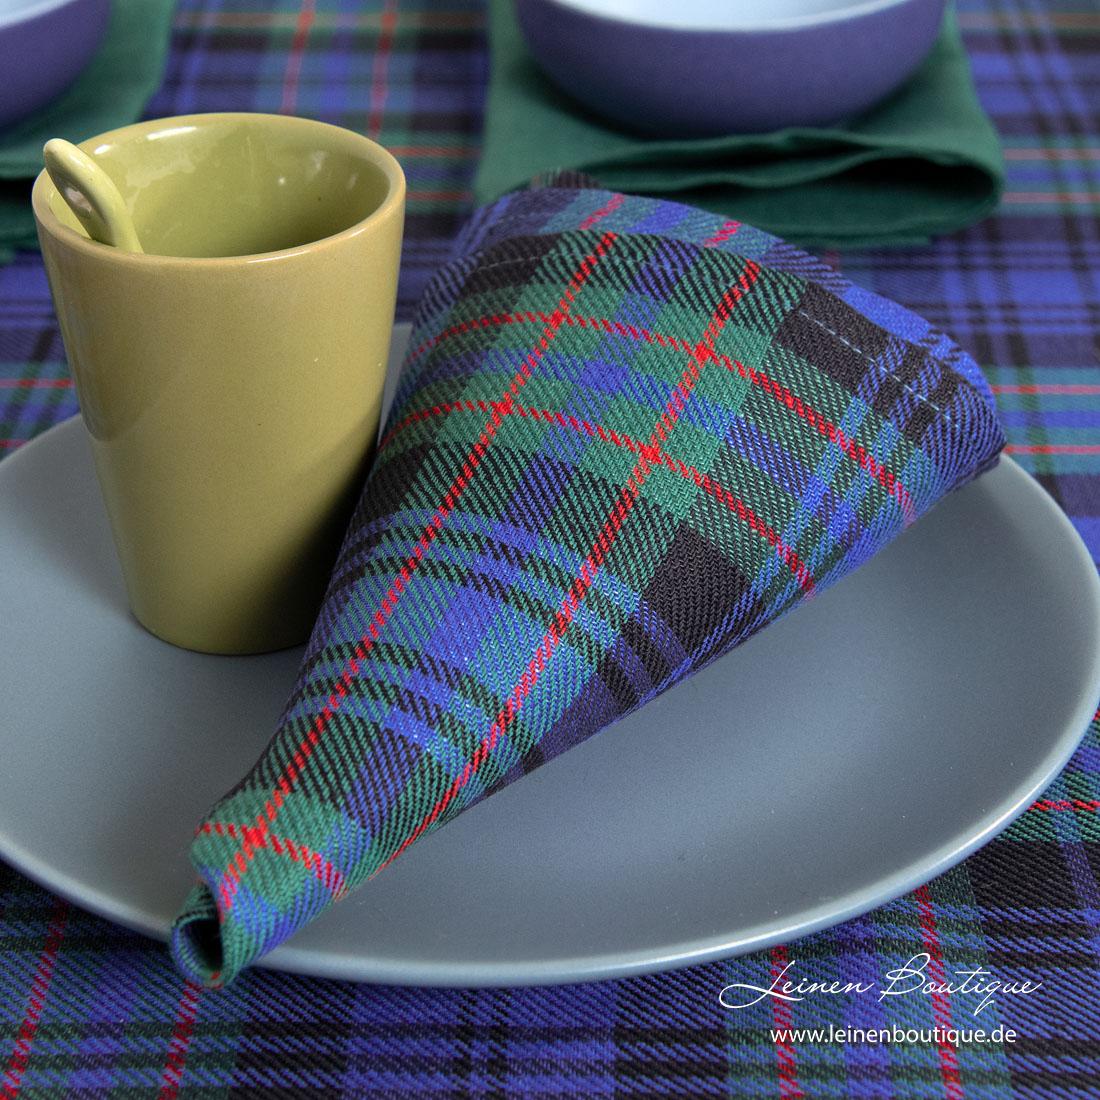 Halbleinen-Serviette mit blauen und grünen Karos